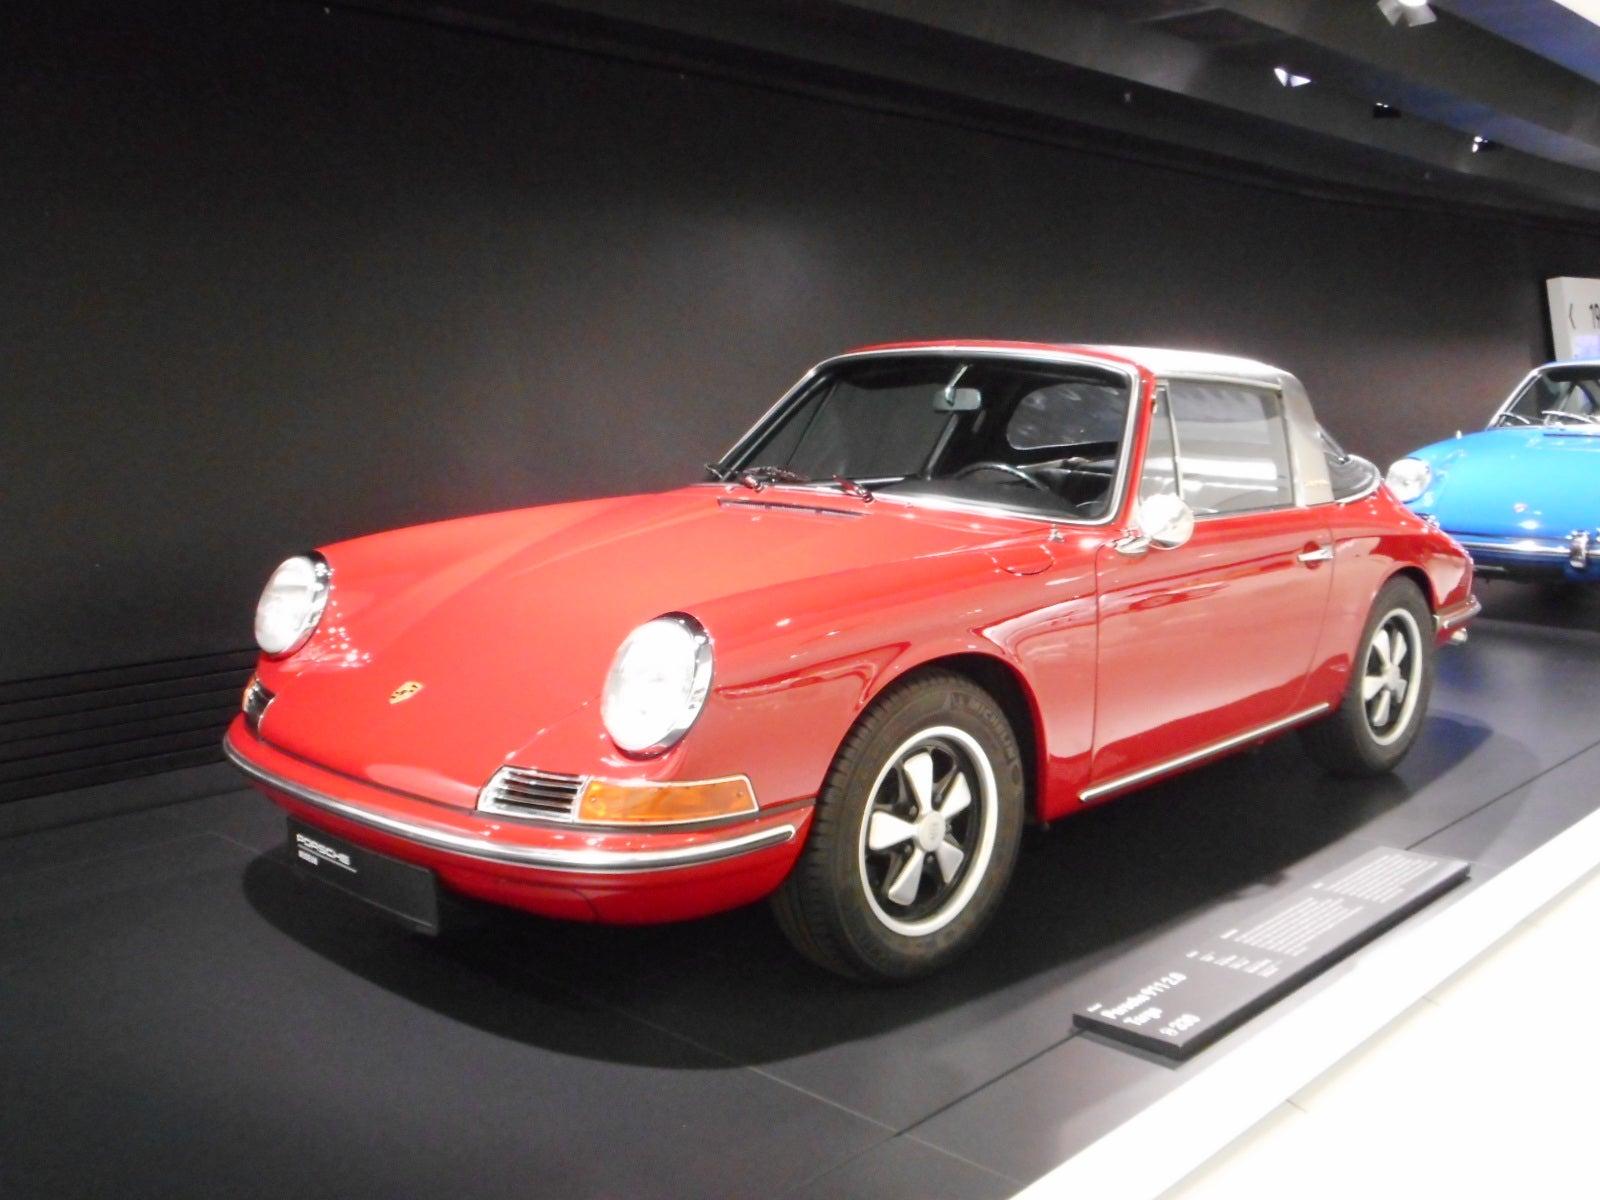 1//87 Brekina Porsche 911 targa orange 16262